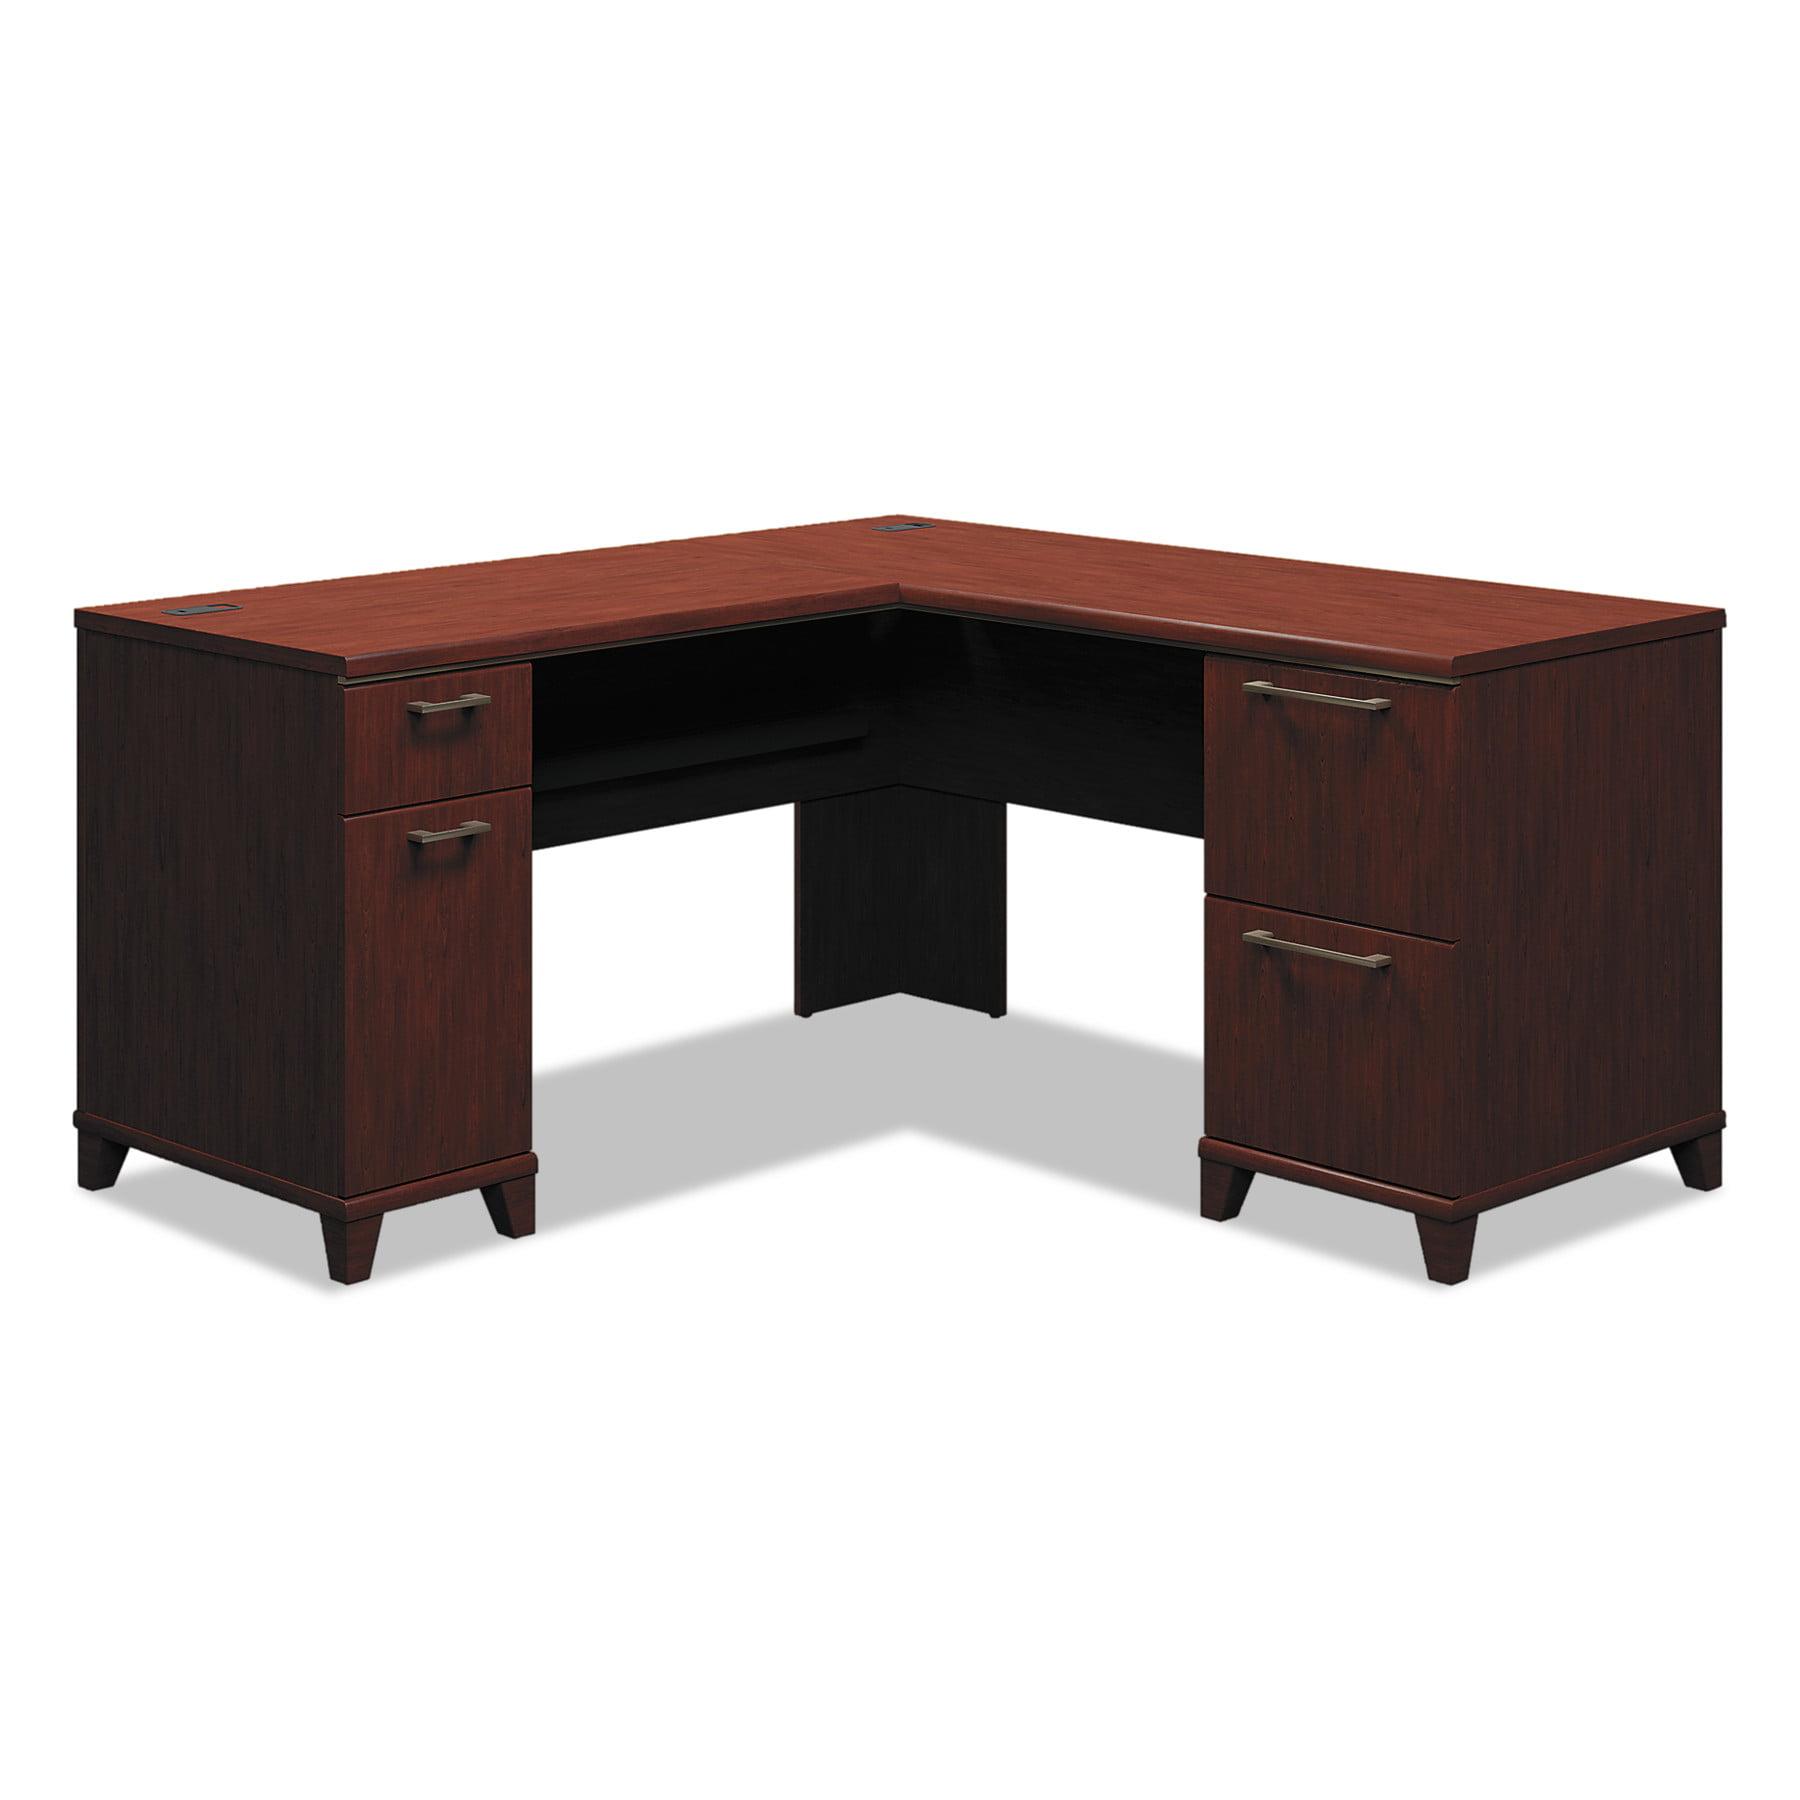 Bush Enterprise Collection 60W x 60D L-Desk, Harvest Cherry (Box 2 of 2) by Bush Industries